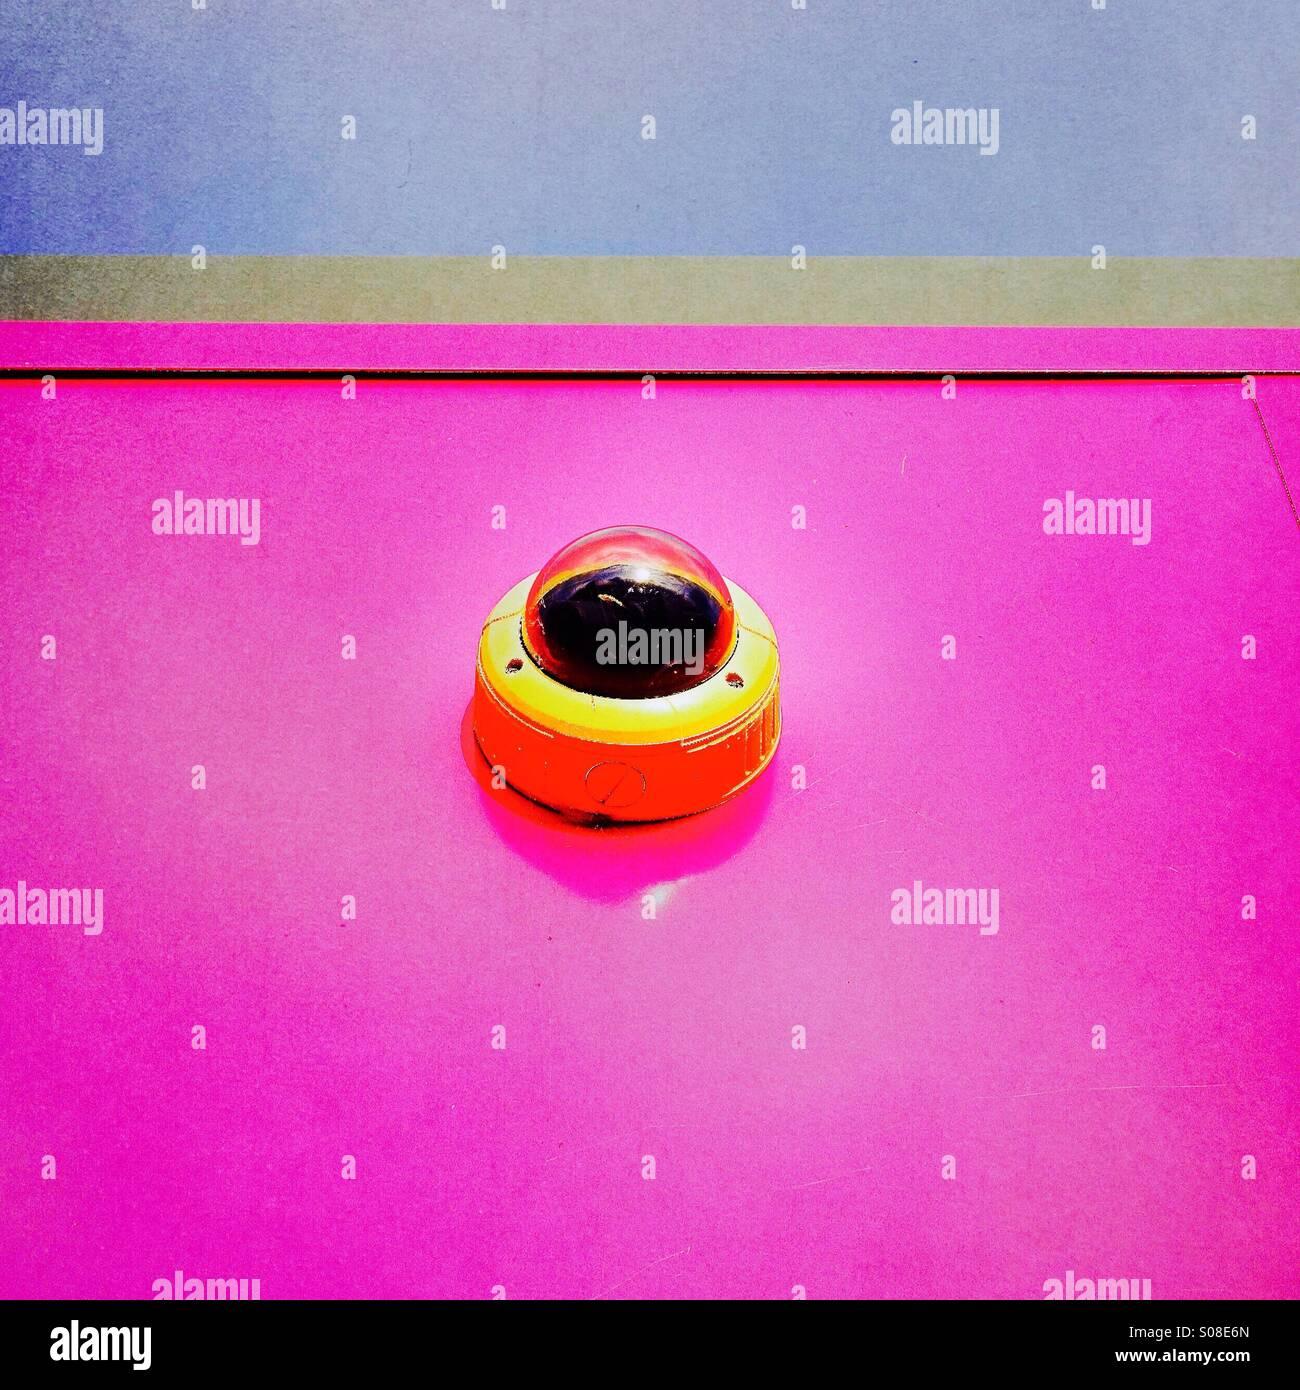 Abstrakt - Überwachungskamera an der Rosa Wand Stockbild